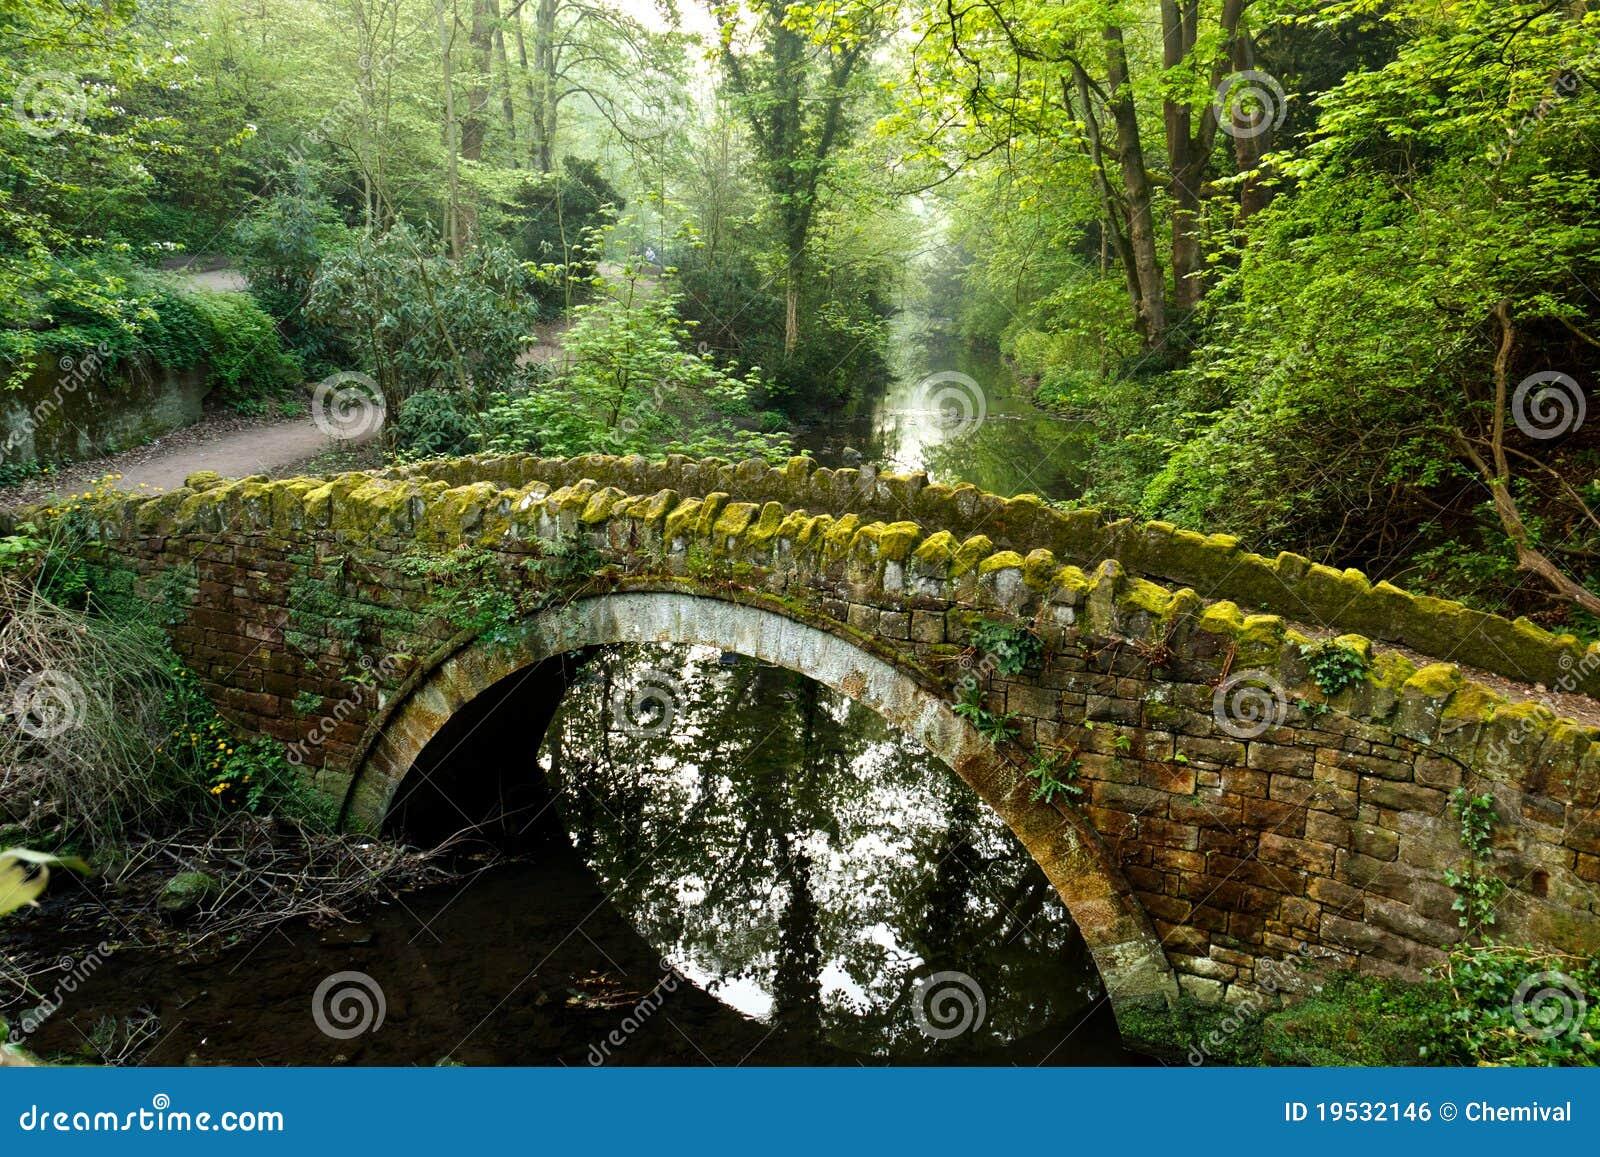 mossy stone footbridge royalty free stock image image